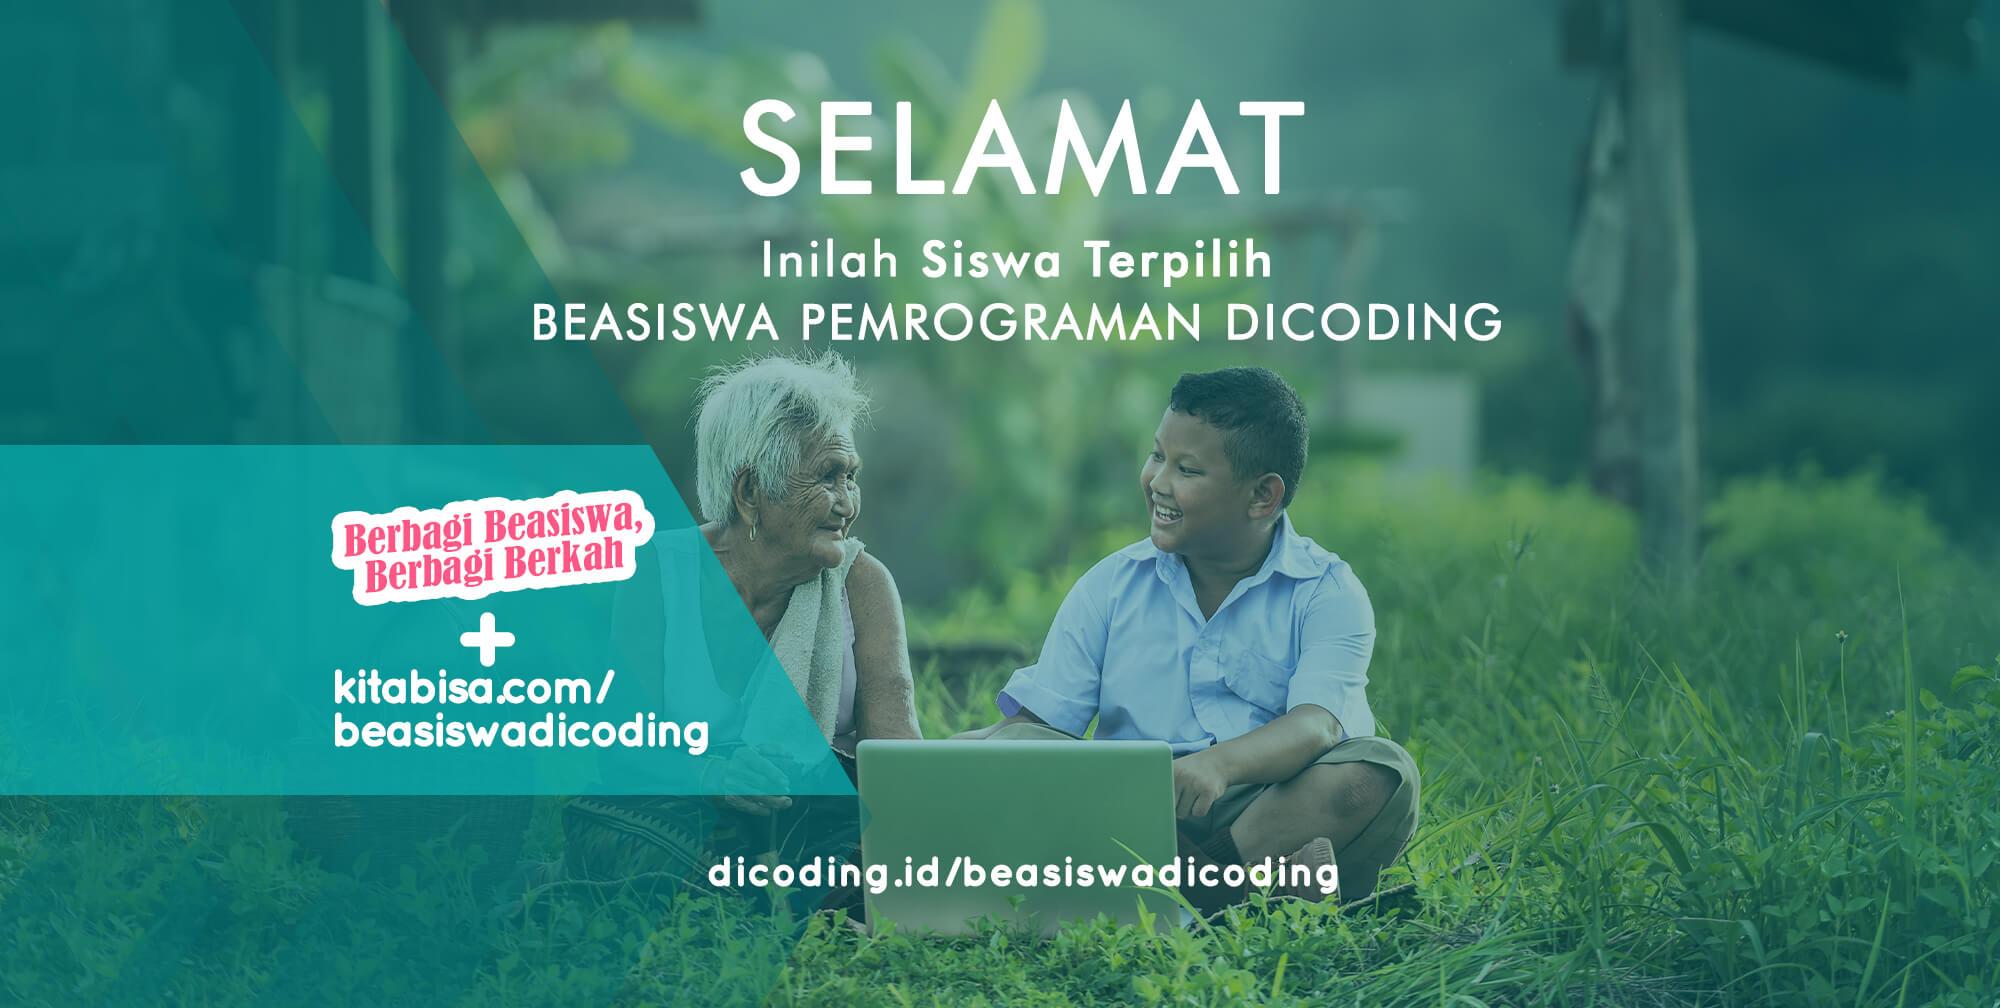 Beasiswa Coding dari Dicoding untuk Indonesia